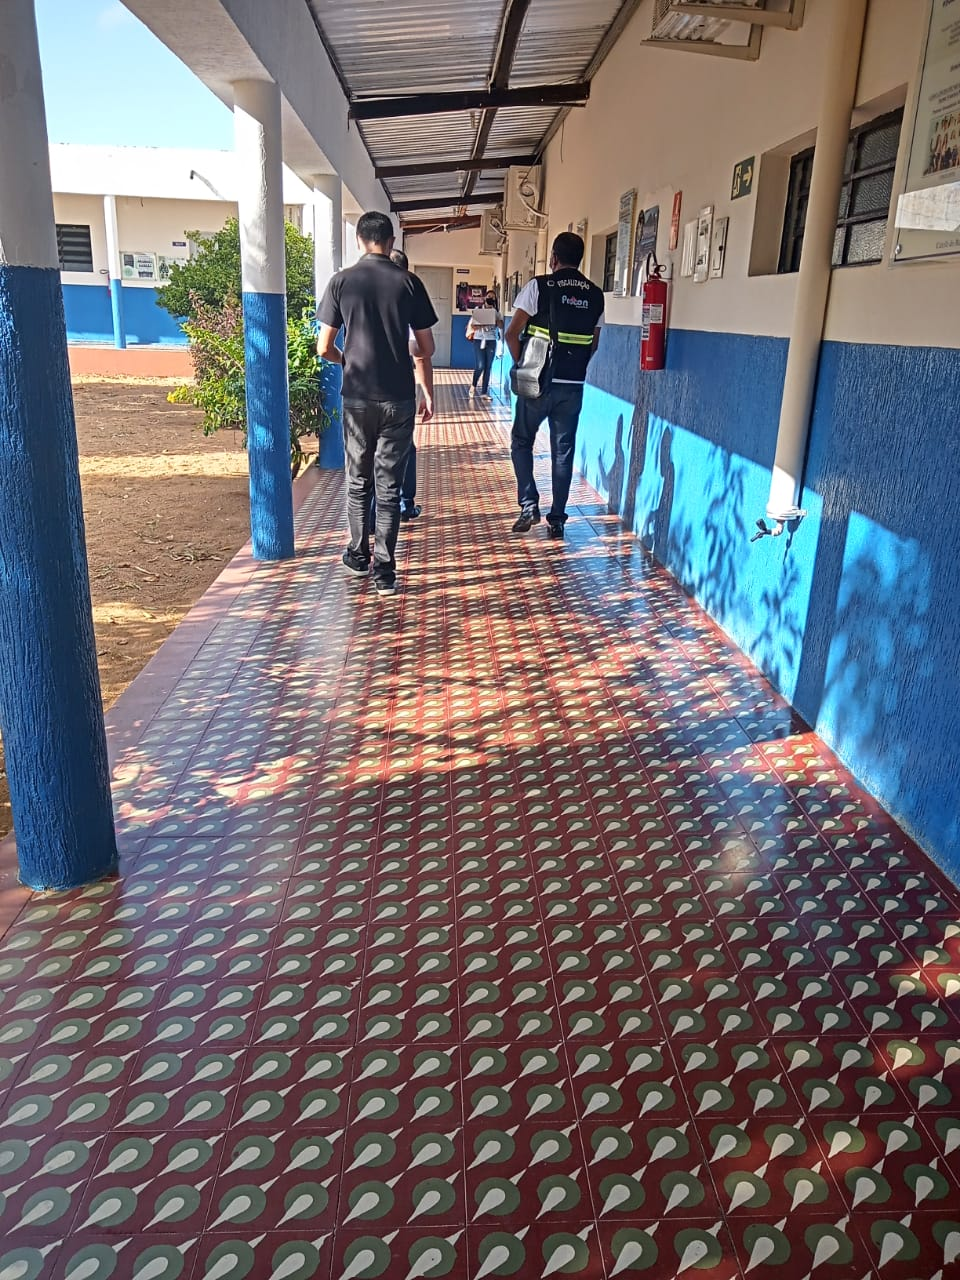 WhatsApp Image 2021 09 02 at 11.36.39 - Bar é autuado e três escolas são notificadas por descumprirem decreto contra a Covid-19 em João Pessoa